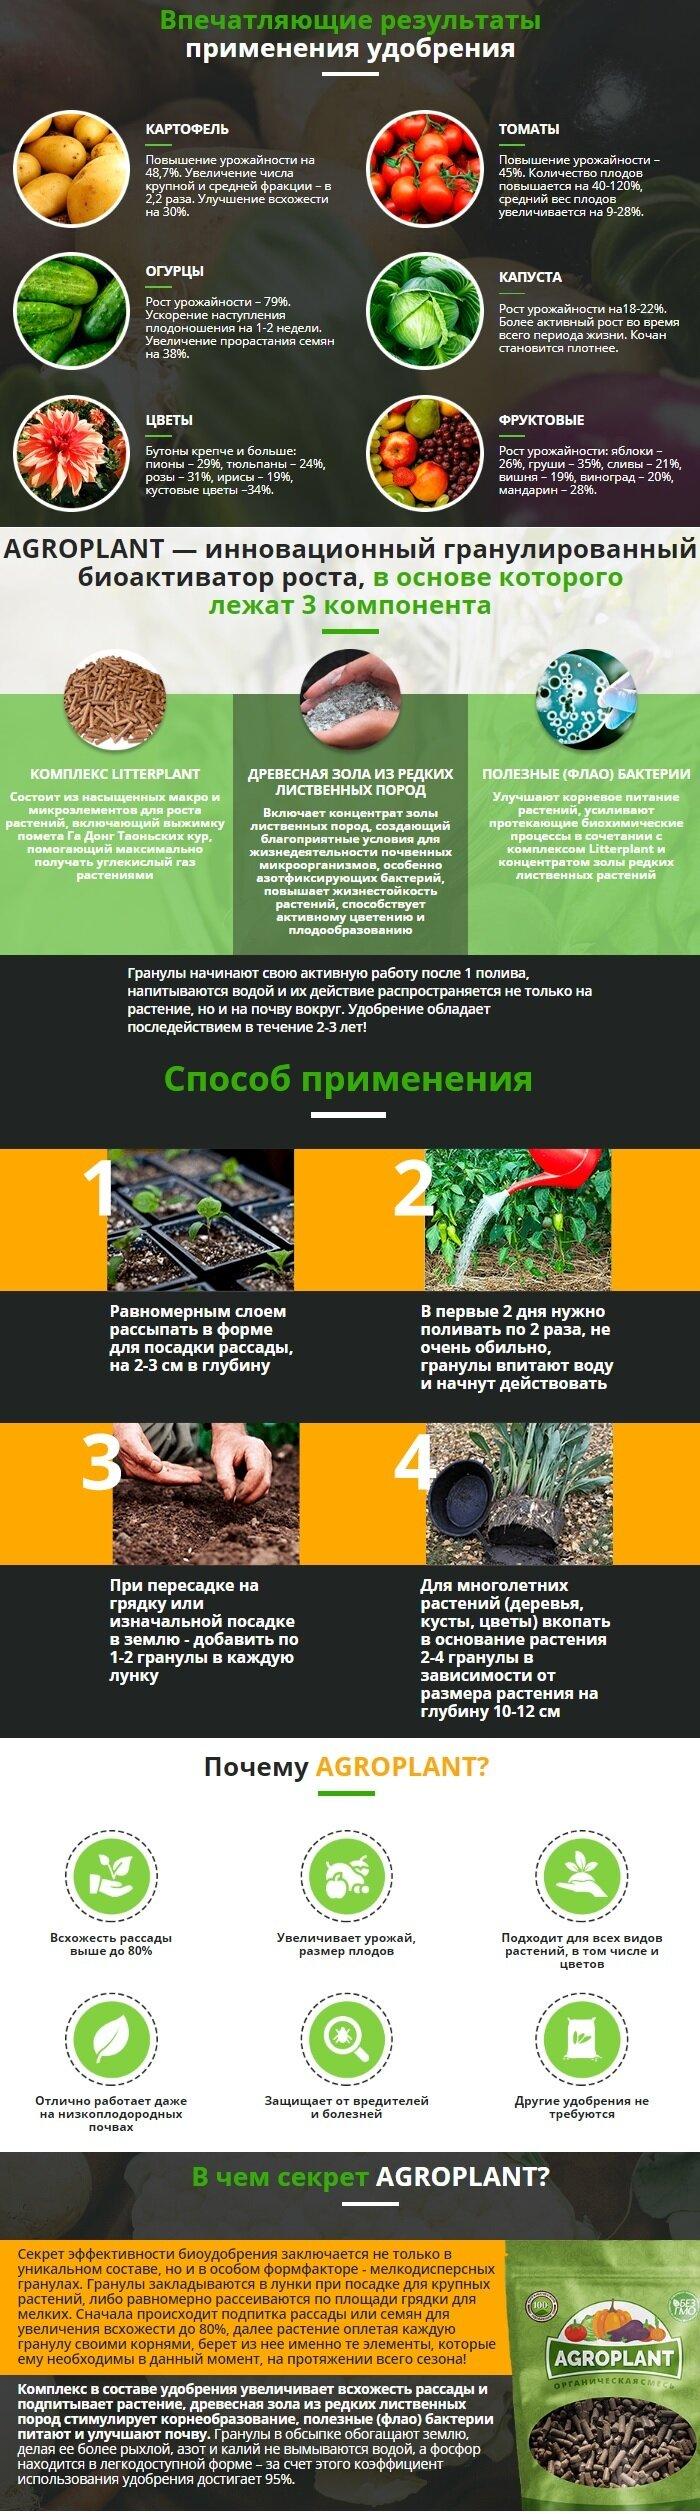 удобрение Agroplant